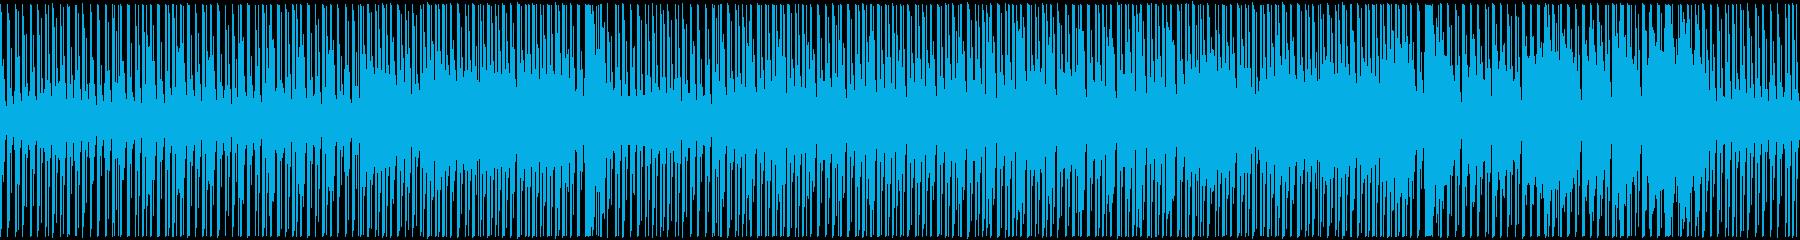 亀がのしのし進むような、穏やかなBGMの再生済みの波形